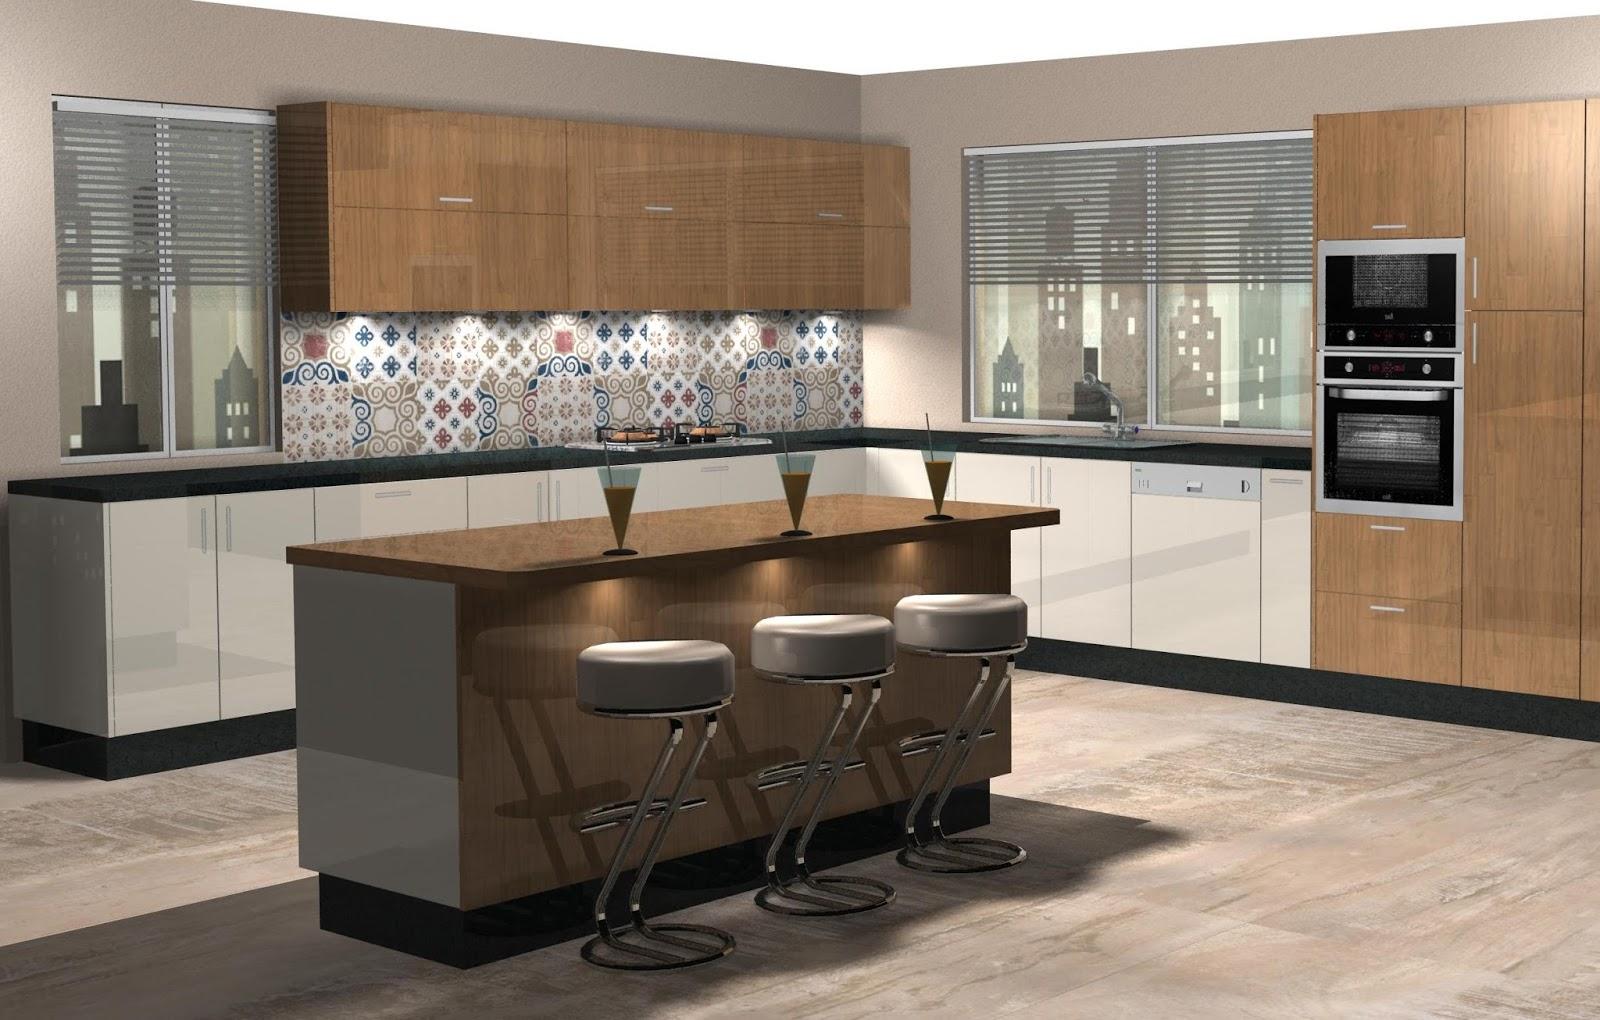 Dise o muebles de cocina dise o de cocina laminado en - Disenos de cocinas de madera ...